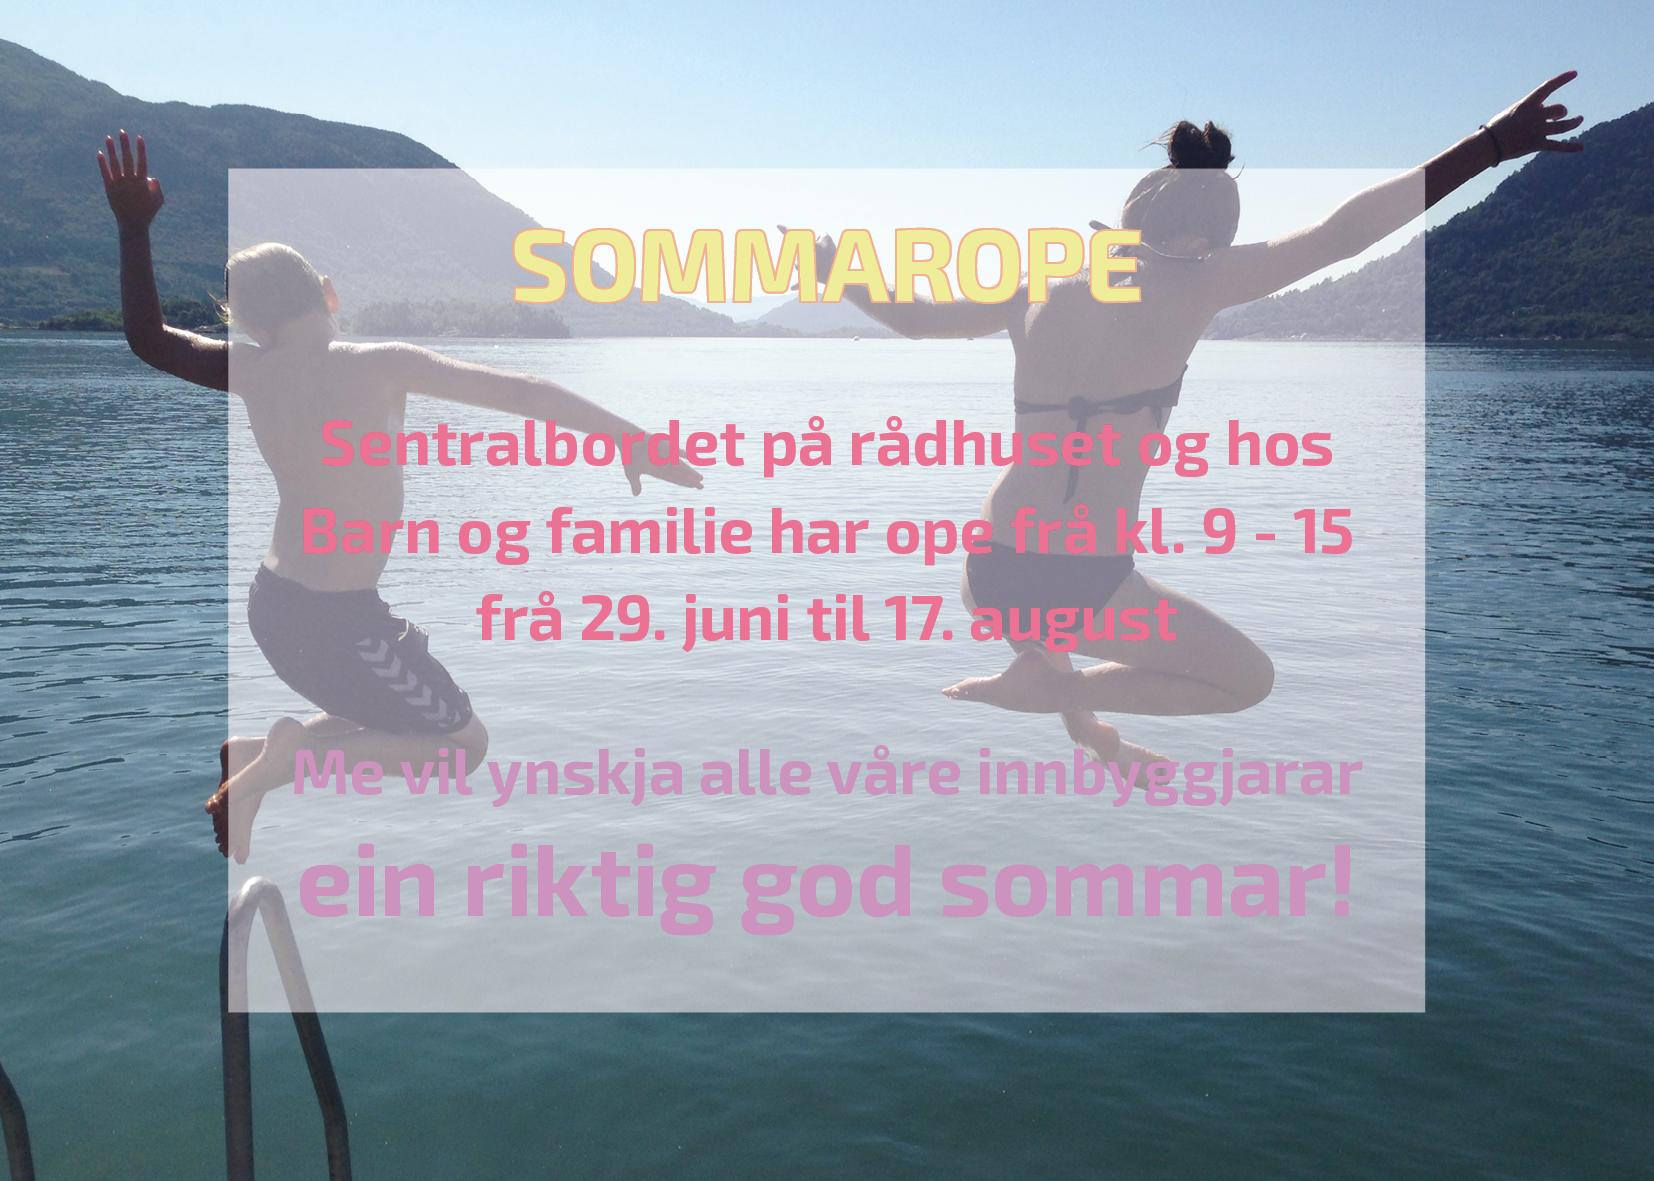 Sommarope 2020.png.jpg.png